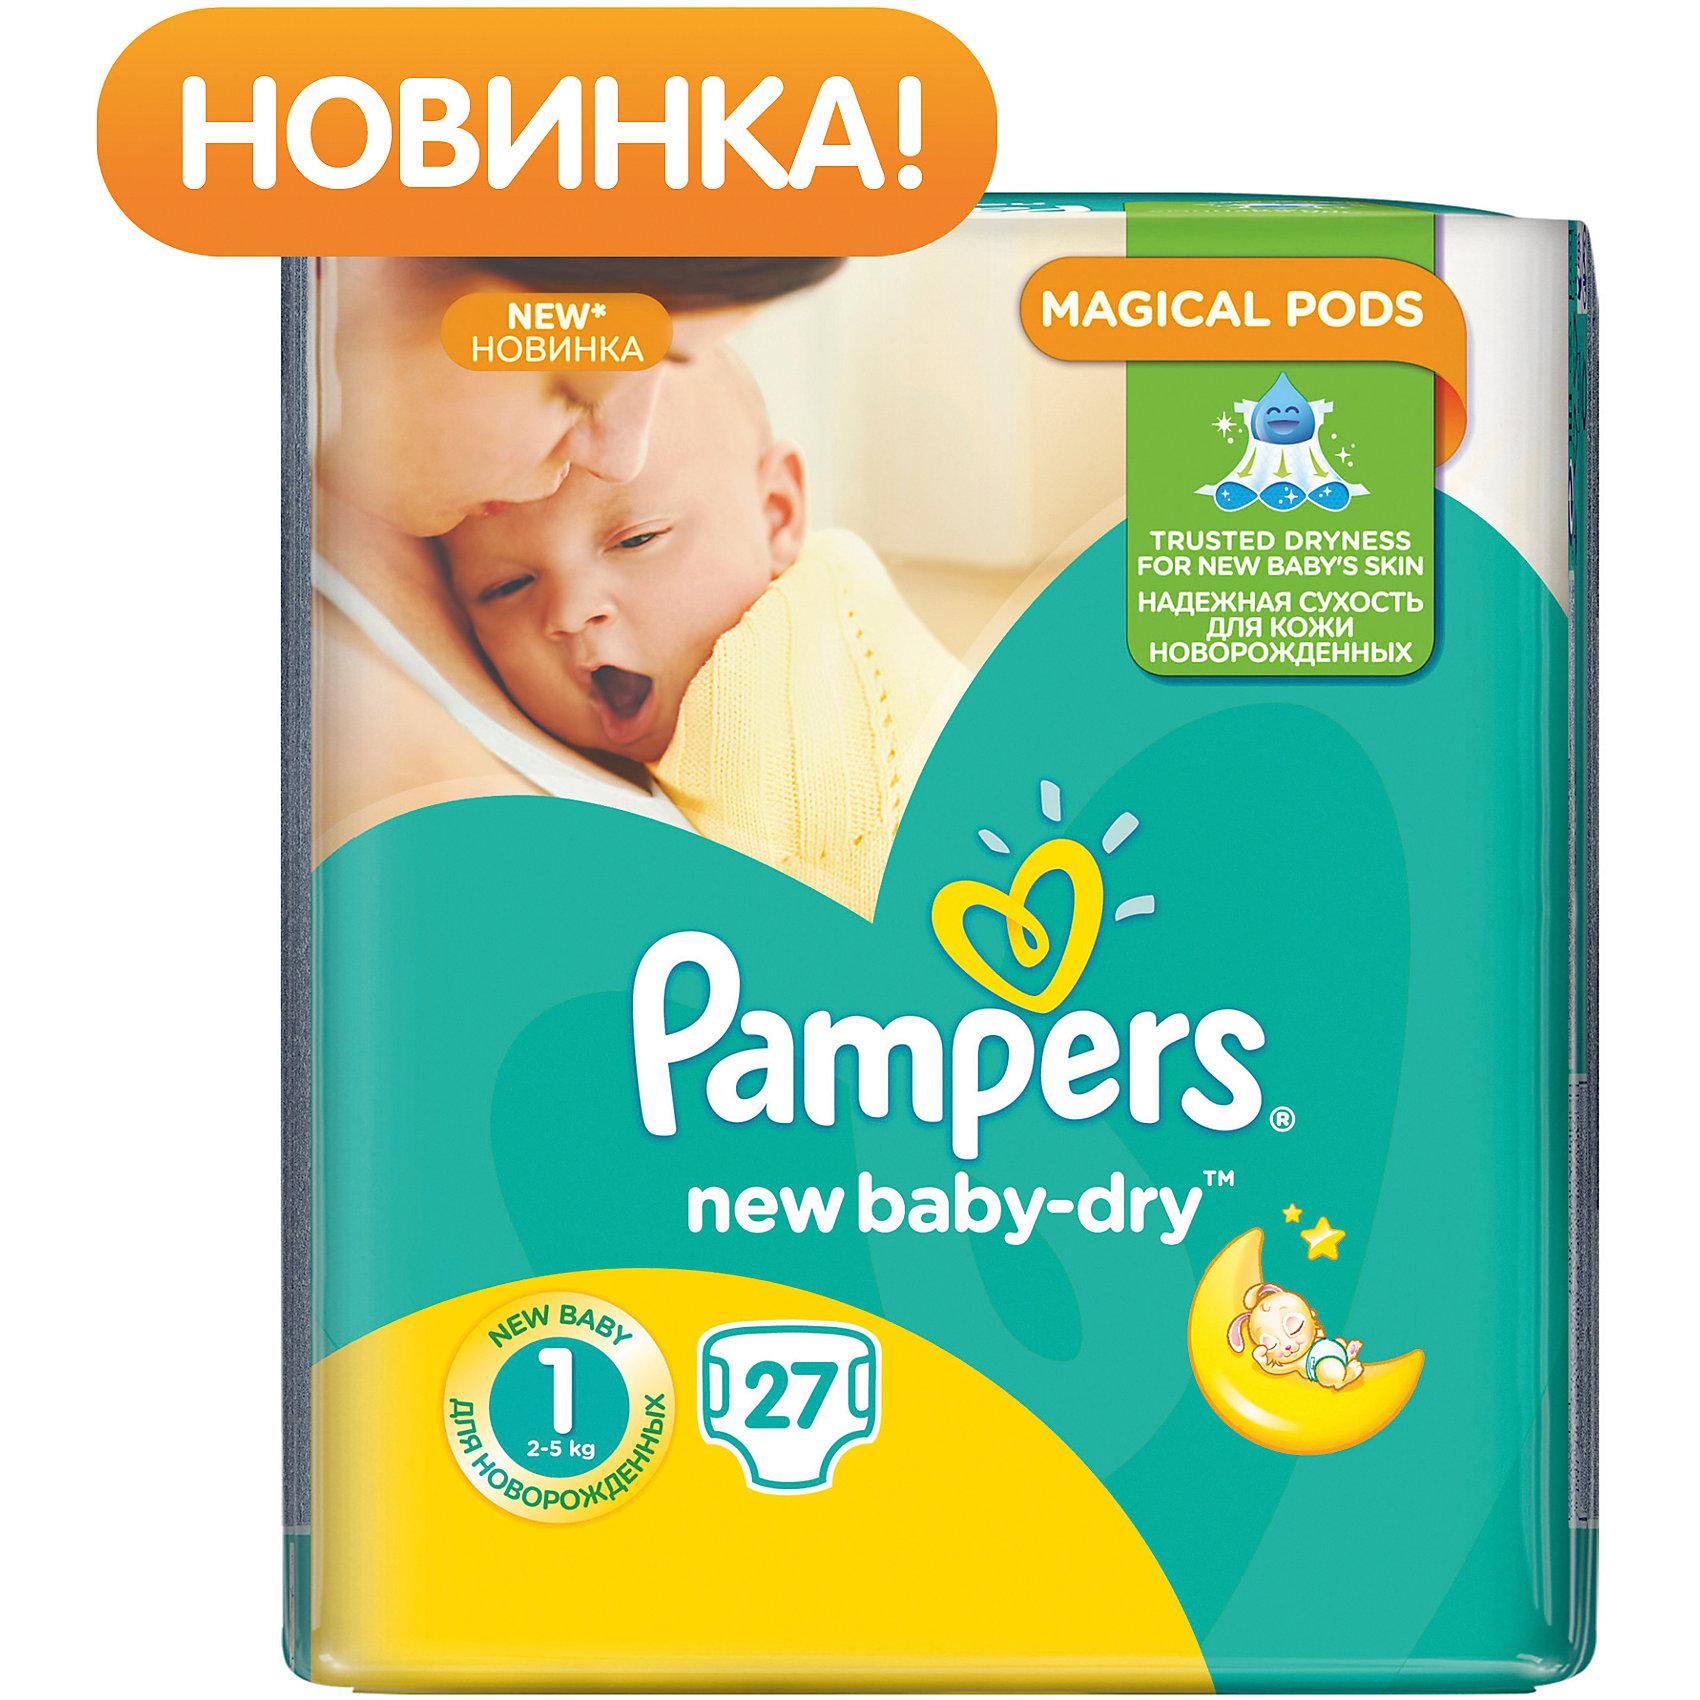 Подгузники Pampers New Baby-Dry Newborn, 2-5 кг., 27 шт.Подгузники Pampers New Baby-Dry Newborn (Памперс нью беби драй), 2-5 кг., 27 шт.         <br><br>Характеристики:<br><br>• жемчужные микрогранулы впитывают влагу, превышающую свой вес в 30 раз<br>• поглощают и удерживают влагу до 12 часов<br>• 3 впитывающих канала равномерно распределяют влагу по подгузнику<br>• слой DRY быстро впитывает влагу, не позволяя ее соприкасаться с кожей малыша<br>• дышащие материалы позволяют коже дышать в течение всей ночи<br>• тянущиеся боковинки защищают от протеканий<br>• размер: 2-5 кг<br>• количество: 27 шт.<br>• размер упаковки: 18,5х11,4х20,5 см<br>• вес: 516 грамм<br><br>Новорожденный малыш только начинает знакомиться с окружающим миром, но уже нуждается в комфортном сне. Подгузники Pampers New Baby-Dry Newborn подарят крохе сухость и комфортный сон. Жемчужные микрогранулы быстро впитывают большое количество влаги, а 3 впитывающих канала равномерно распределяют влагу по подгузнику и не образуют комков. Специальный слой DRY не позволяет коже крохи соприкасаться с влагой во избежание возникновения раздражения. Тянущиеся боковинки защищают от протеканий и обеспечивают комфортное использование для мамы и малыша. Благодаря дышащим материалам, кожа крохи дышит в течение всей ночи.<br><br>Подгузники Pampers New Baby-Dry Newborn (Памперс нью беби драй), 2-5 кг., 27 шт. можно купить в нашем интернет-магазине.<br><br>Ширина мм: 206<br>Глубина мм: 114<br>Высота мм: 185<br>Вес г: 516<br>Возраст от месяцев: 0<br>Возраст до месяцев: 6<br>Пол: Унисекс<br>Возраст: Детский<br>SKU: 5422929